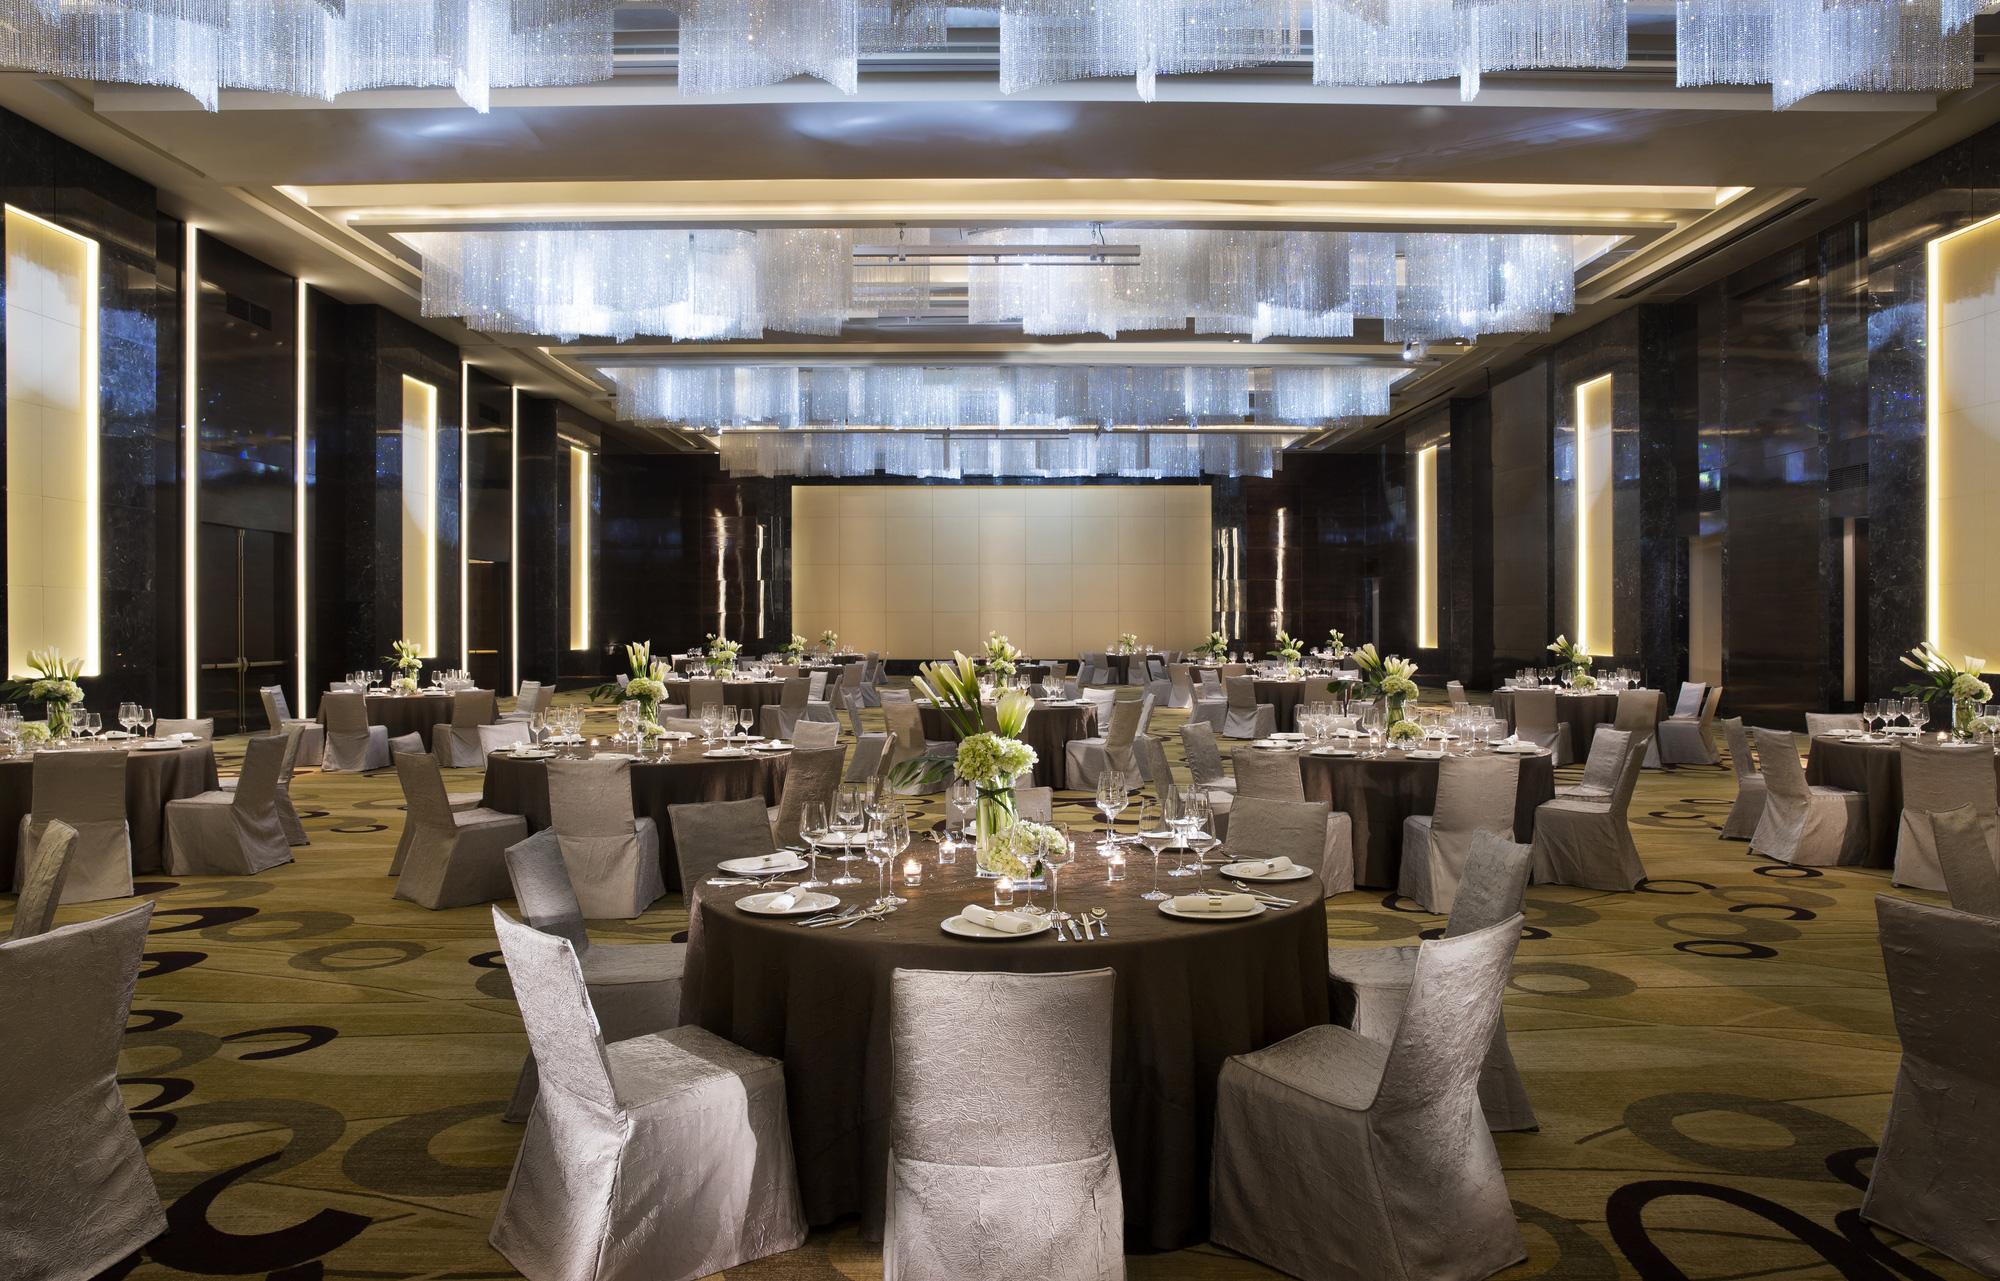 Marriott International hợp tác PCMA cấp chứng chỉ kinh doanh sự kiện trực tuyến (DES) - ảnh 1